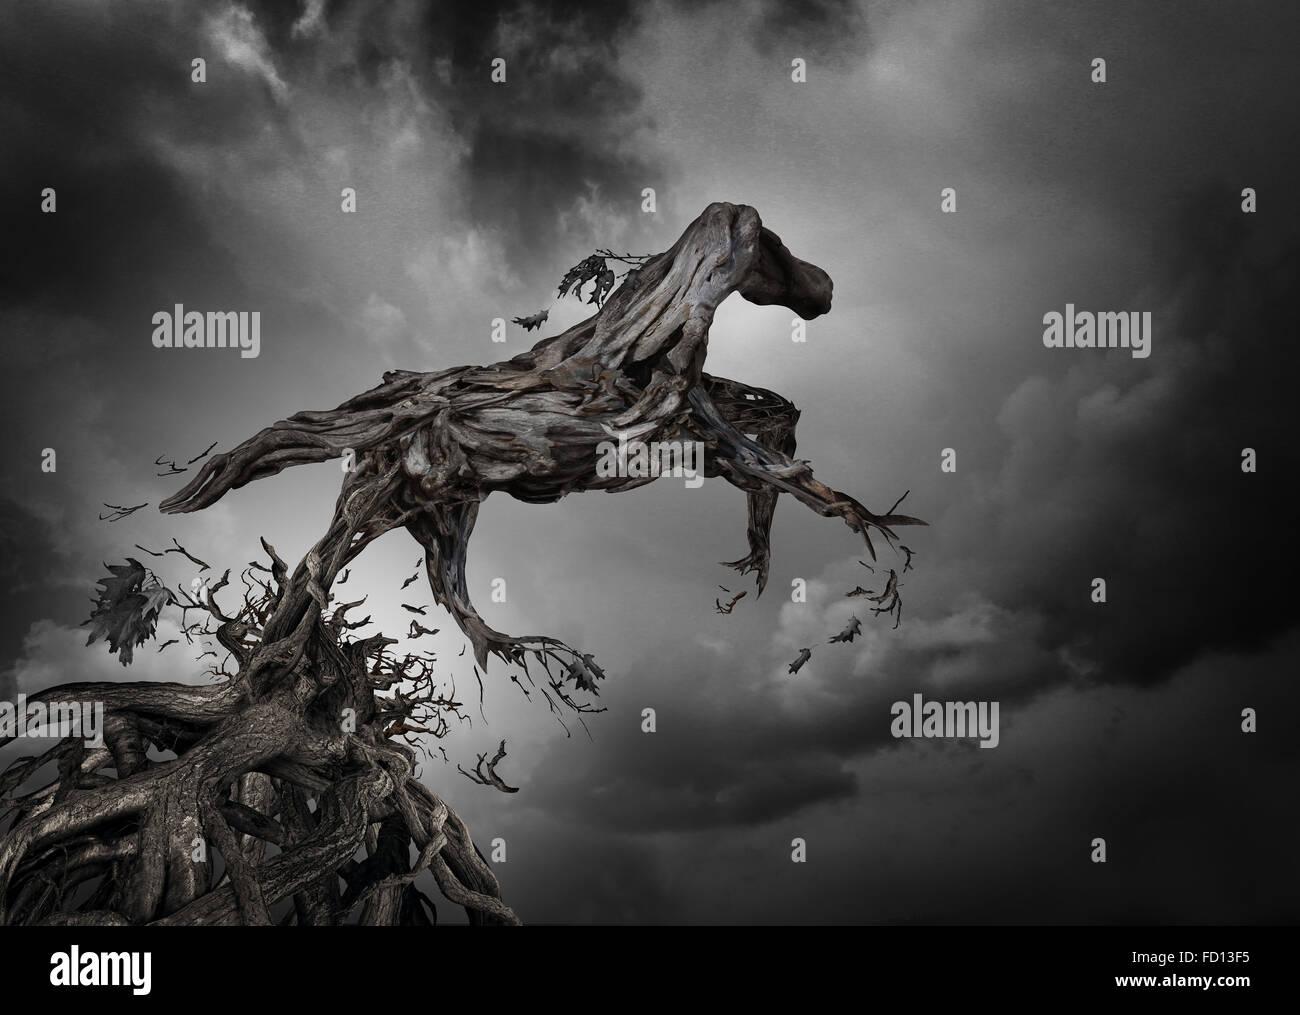 Il successo e il simbolo di potenziale come un albero surreale cavallo con radici di alberi a forma di una razza Immagini Stock